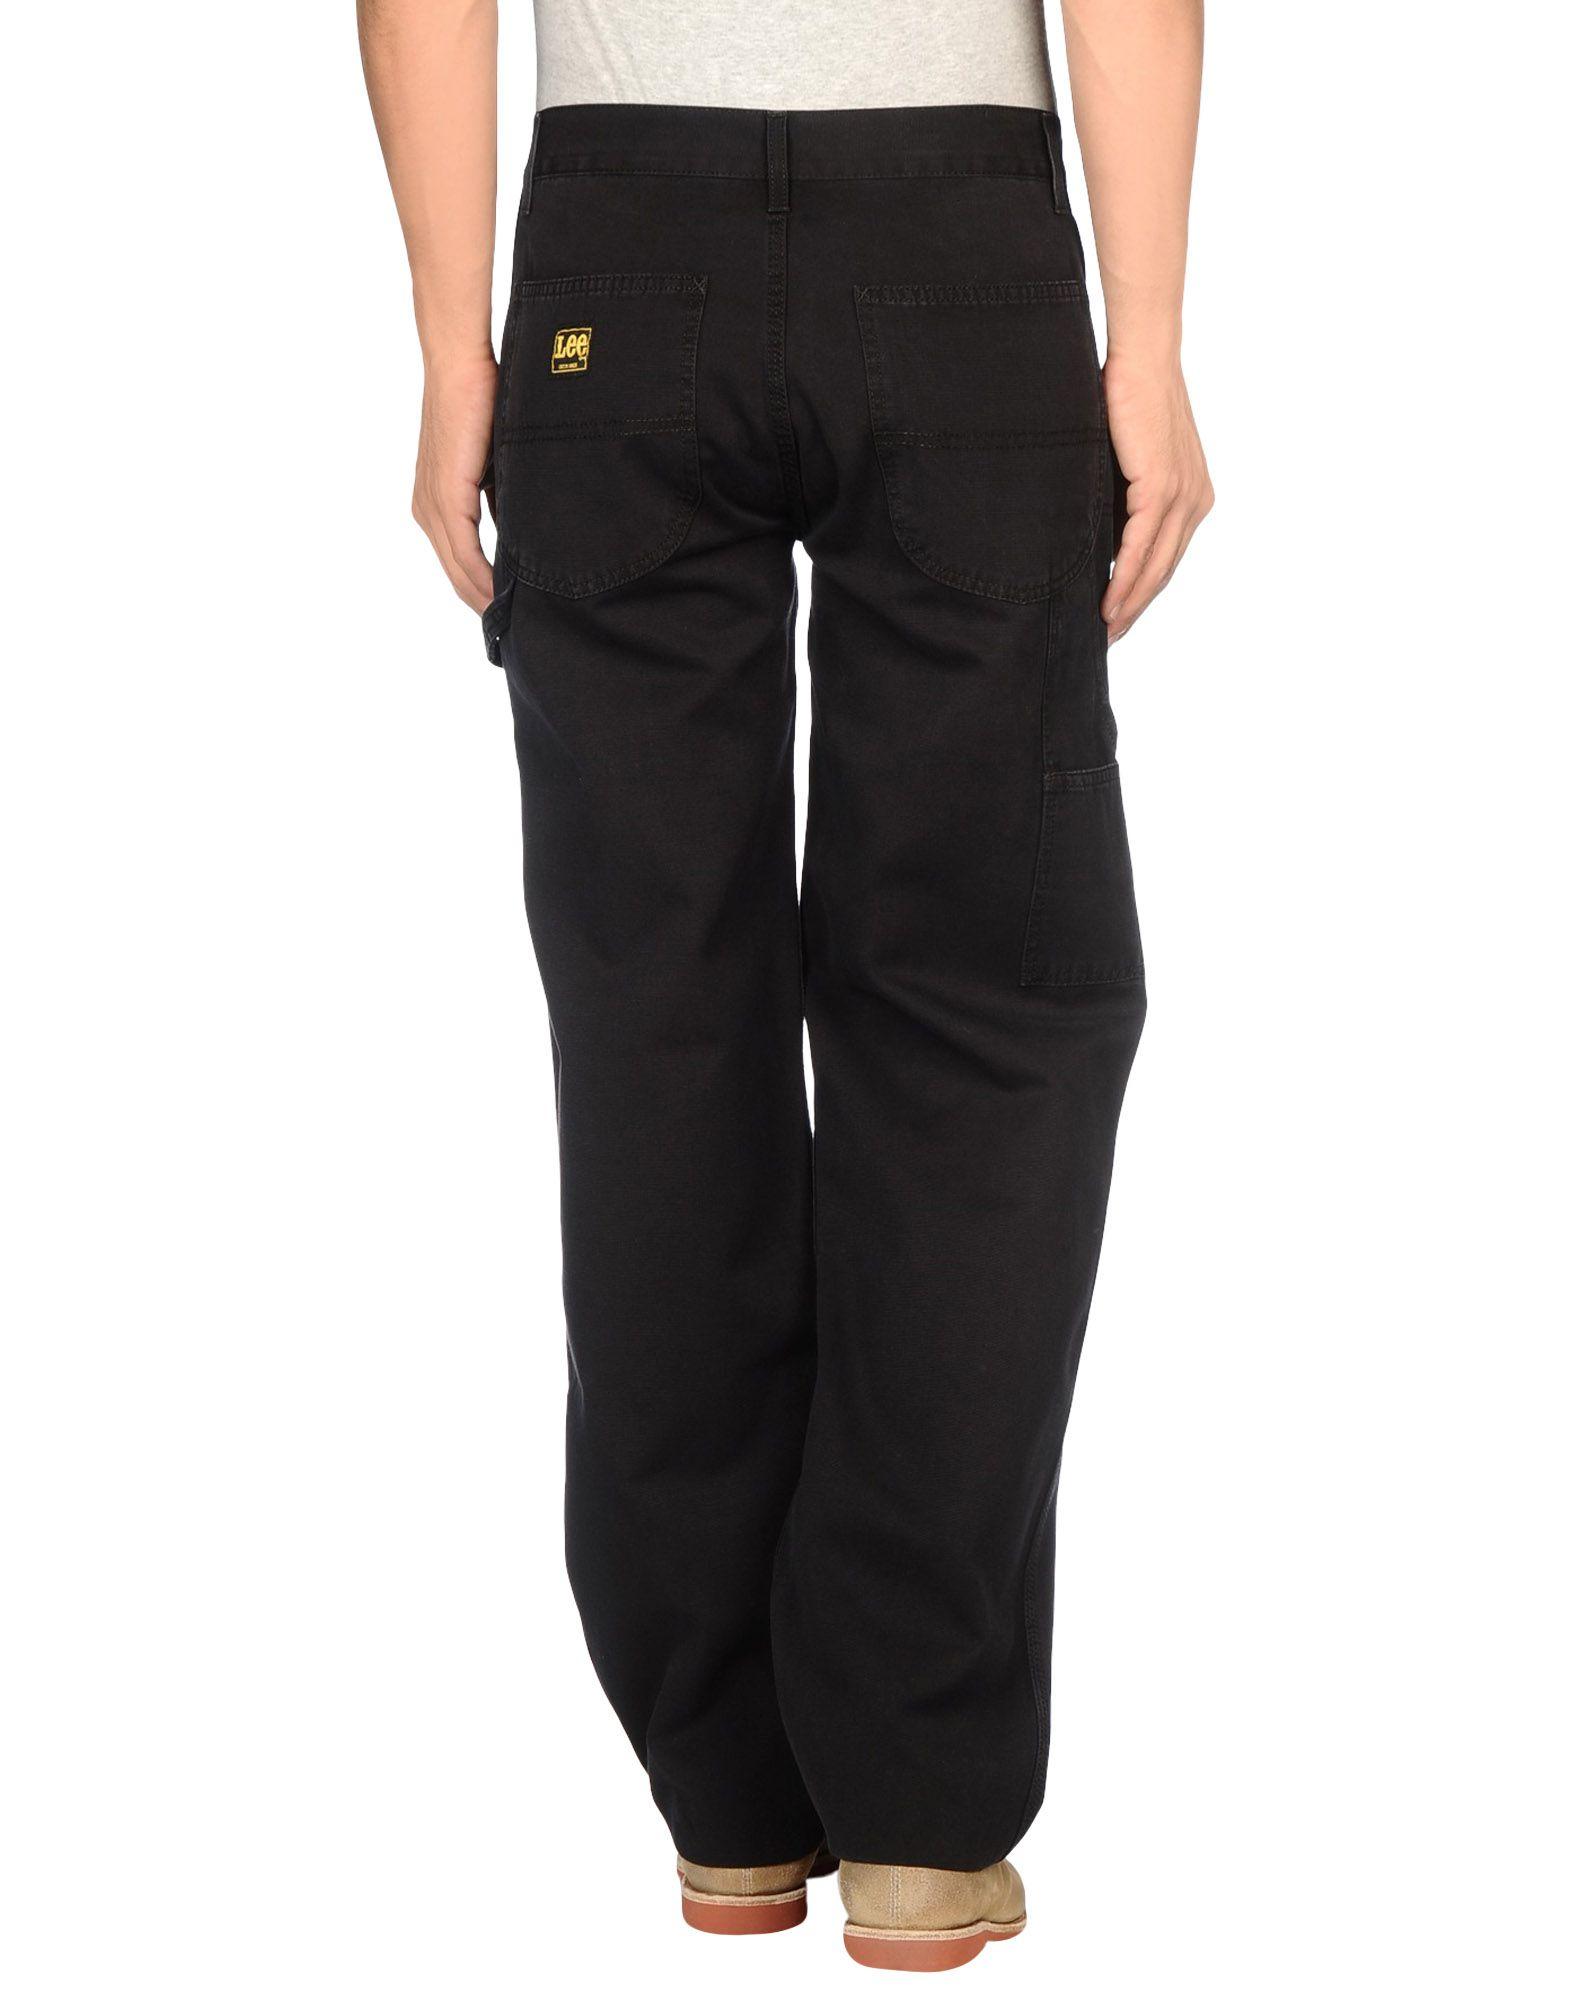 lee black jeans for men - photo #14